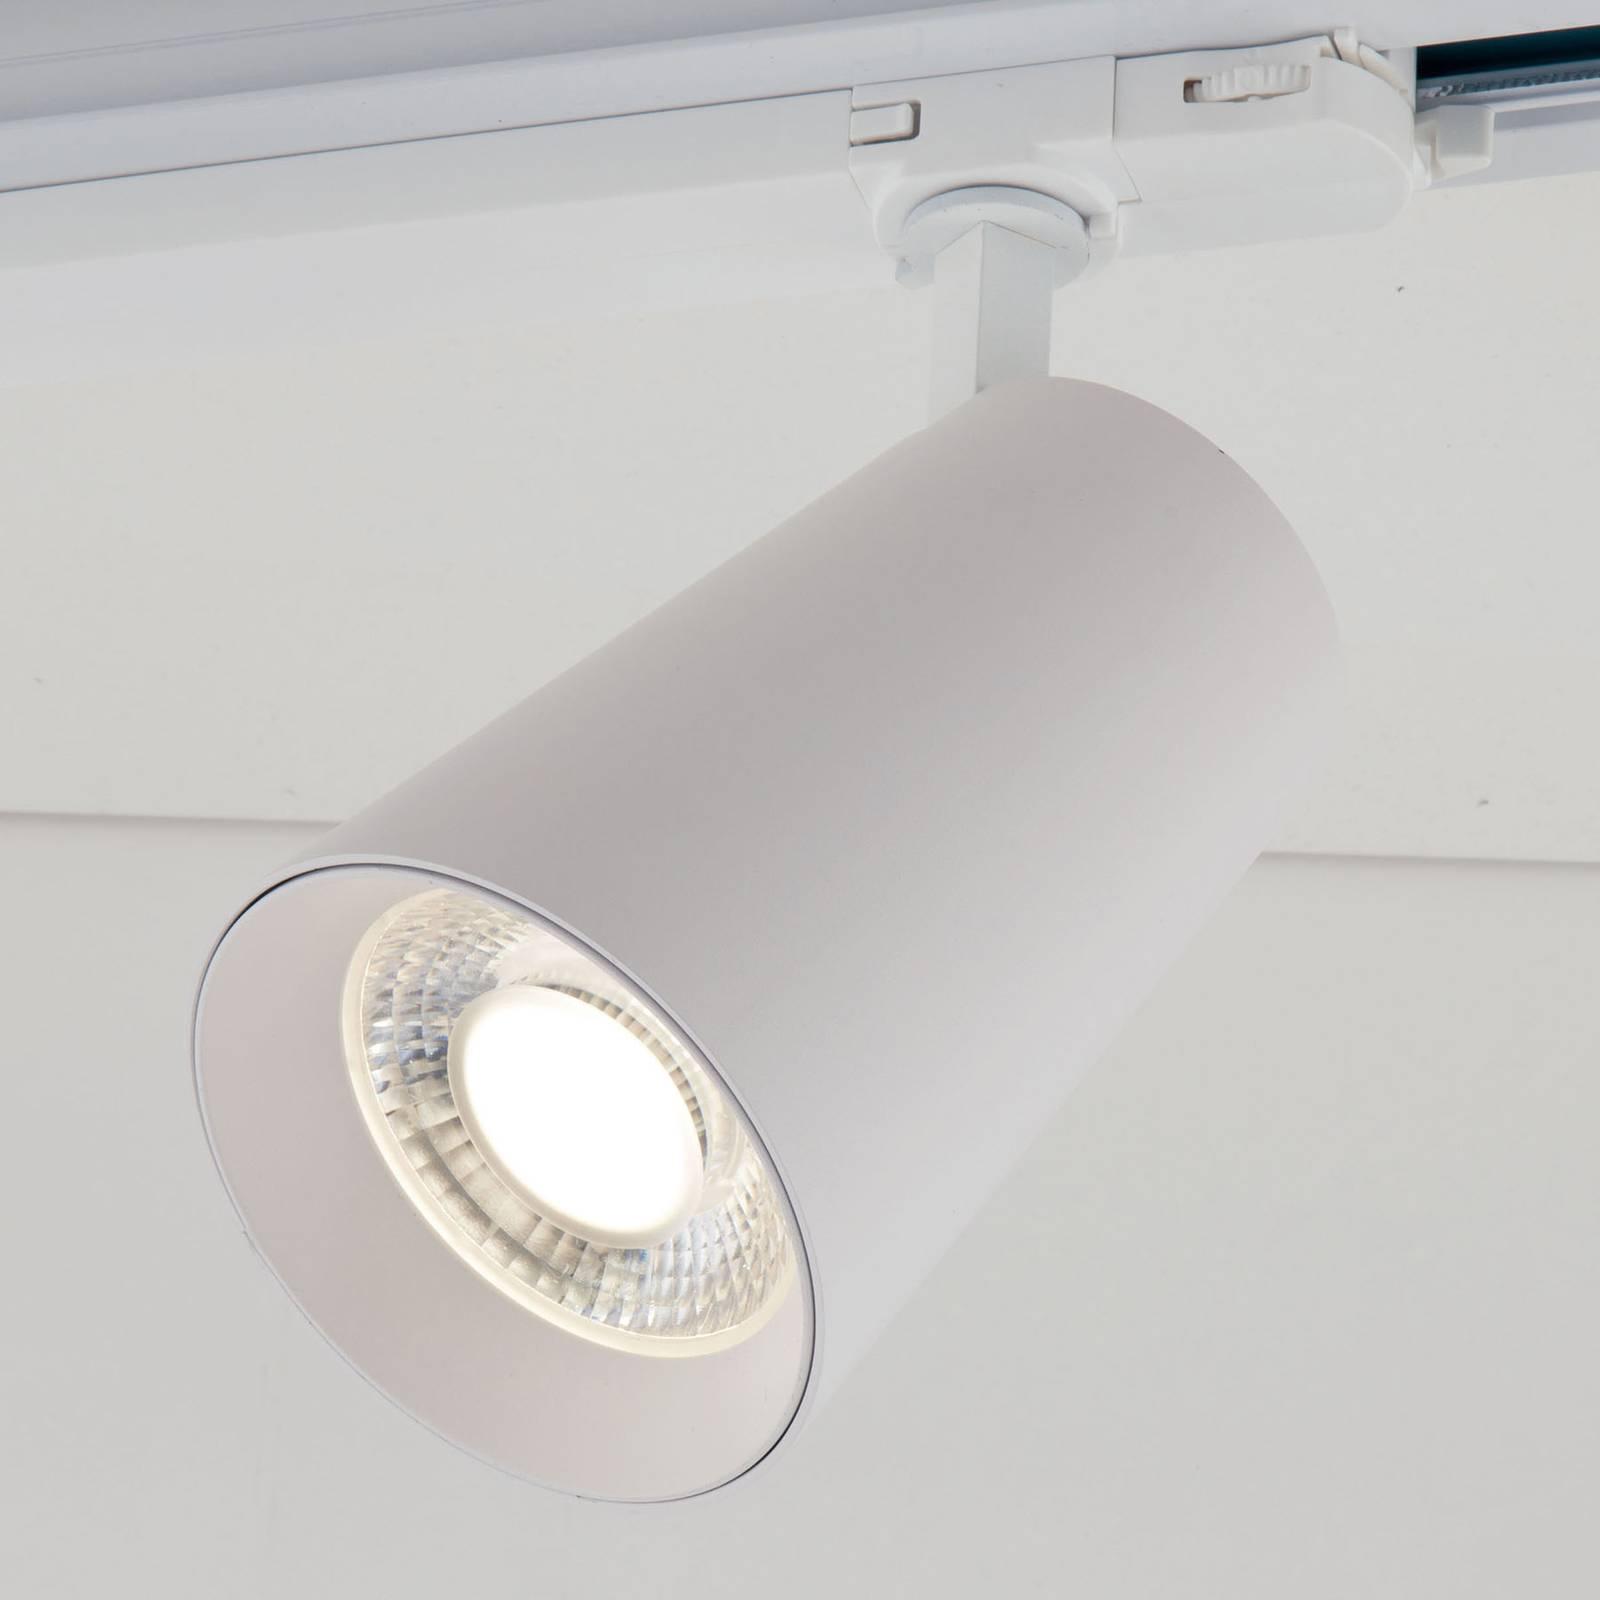 LED-kiskospotti Kone 3 000K 13W valkoinen